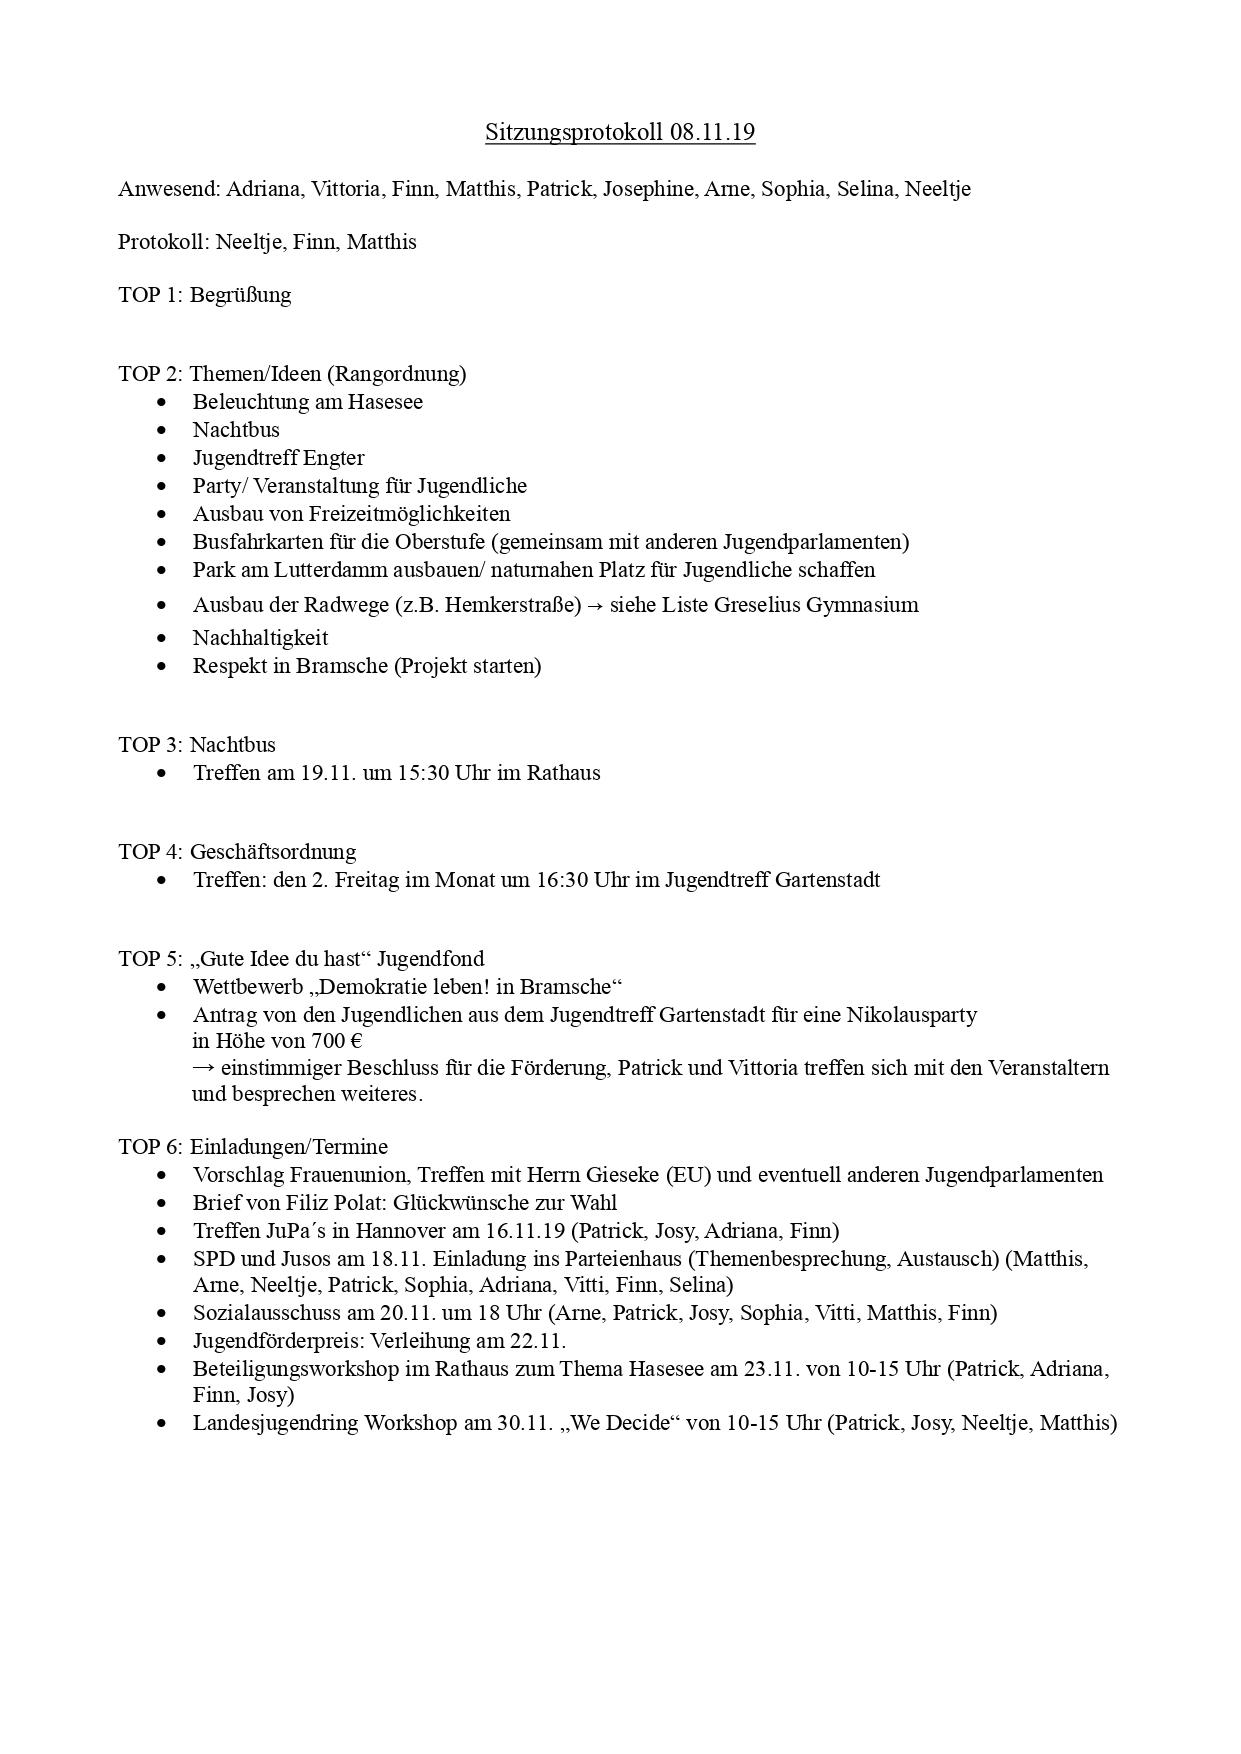 Jugendparlament Bramsche Protokoll